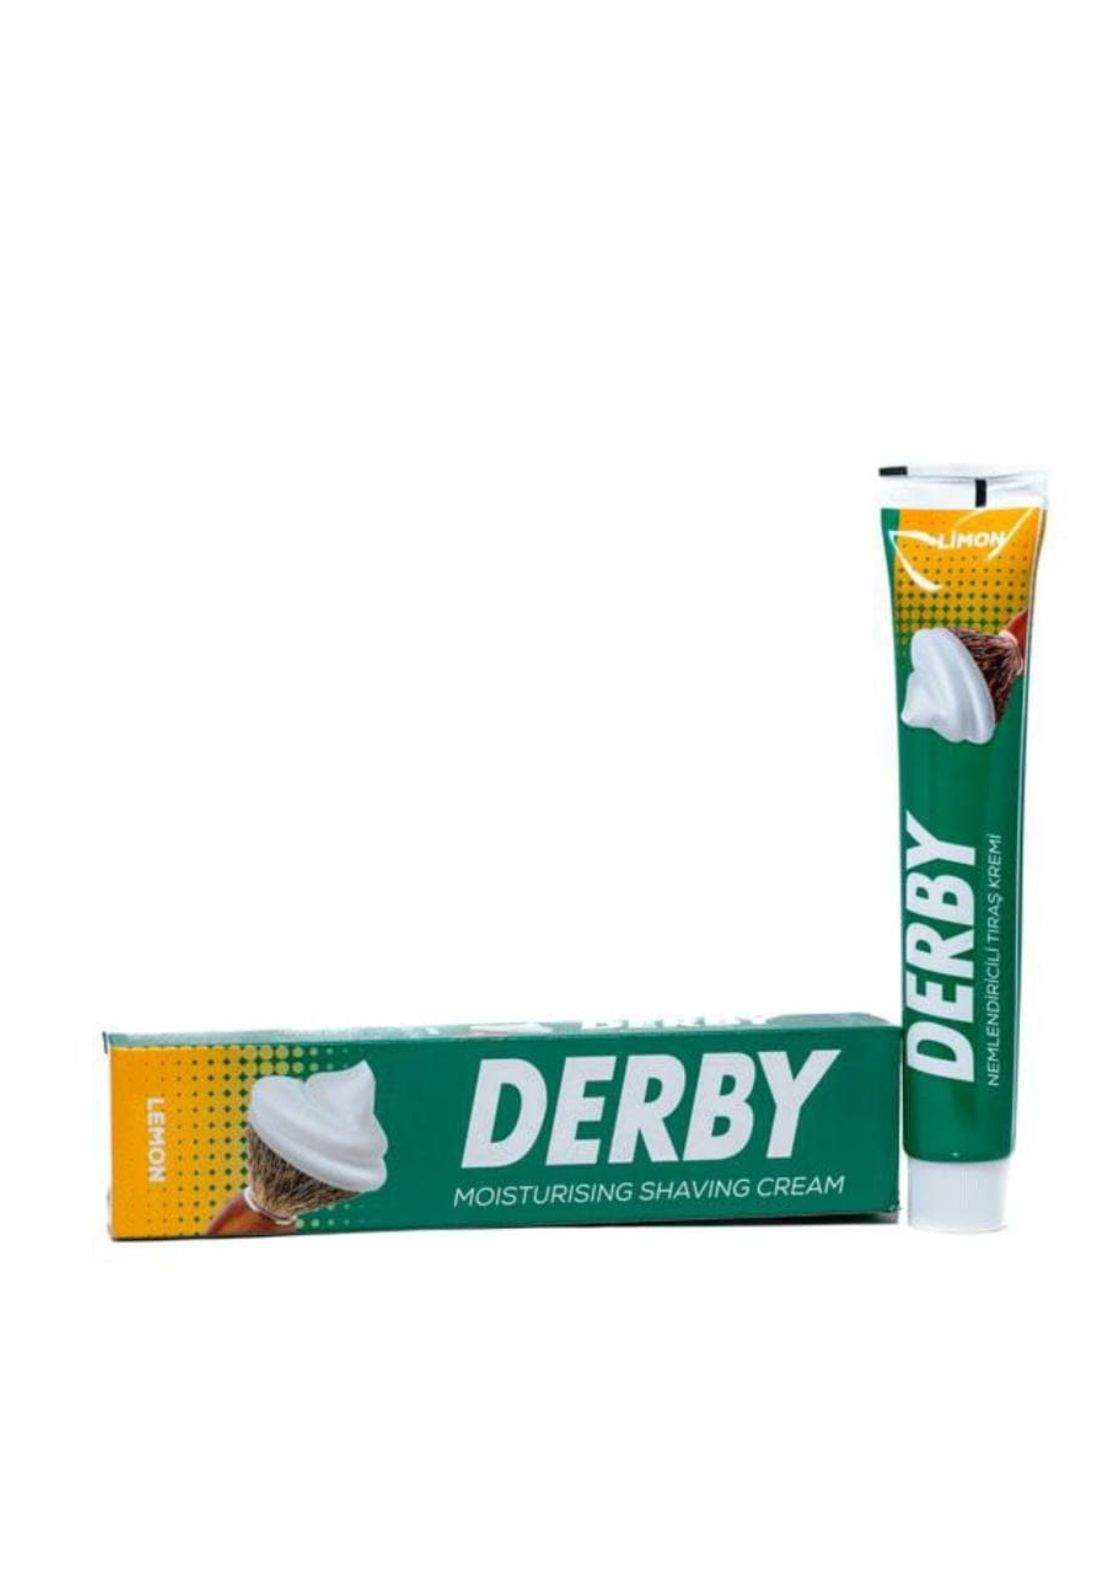 Derby shaving cream for sensitive skin 100g كريم حلاقة